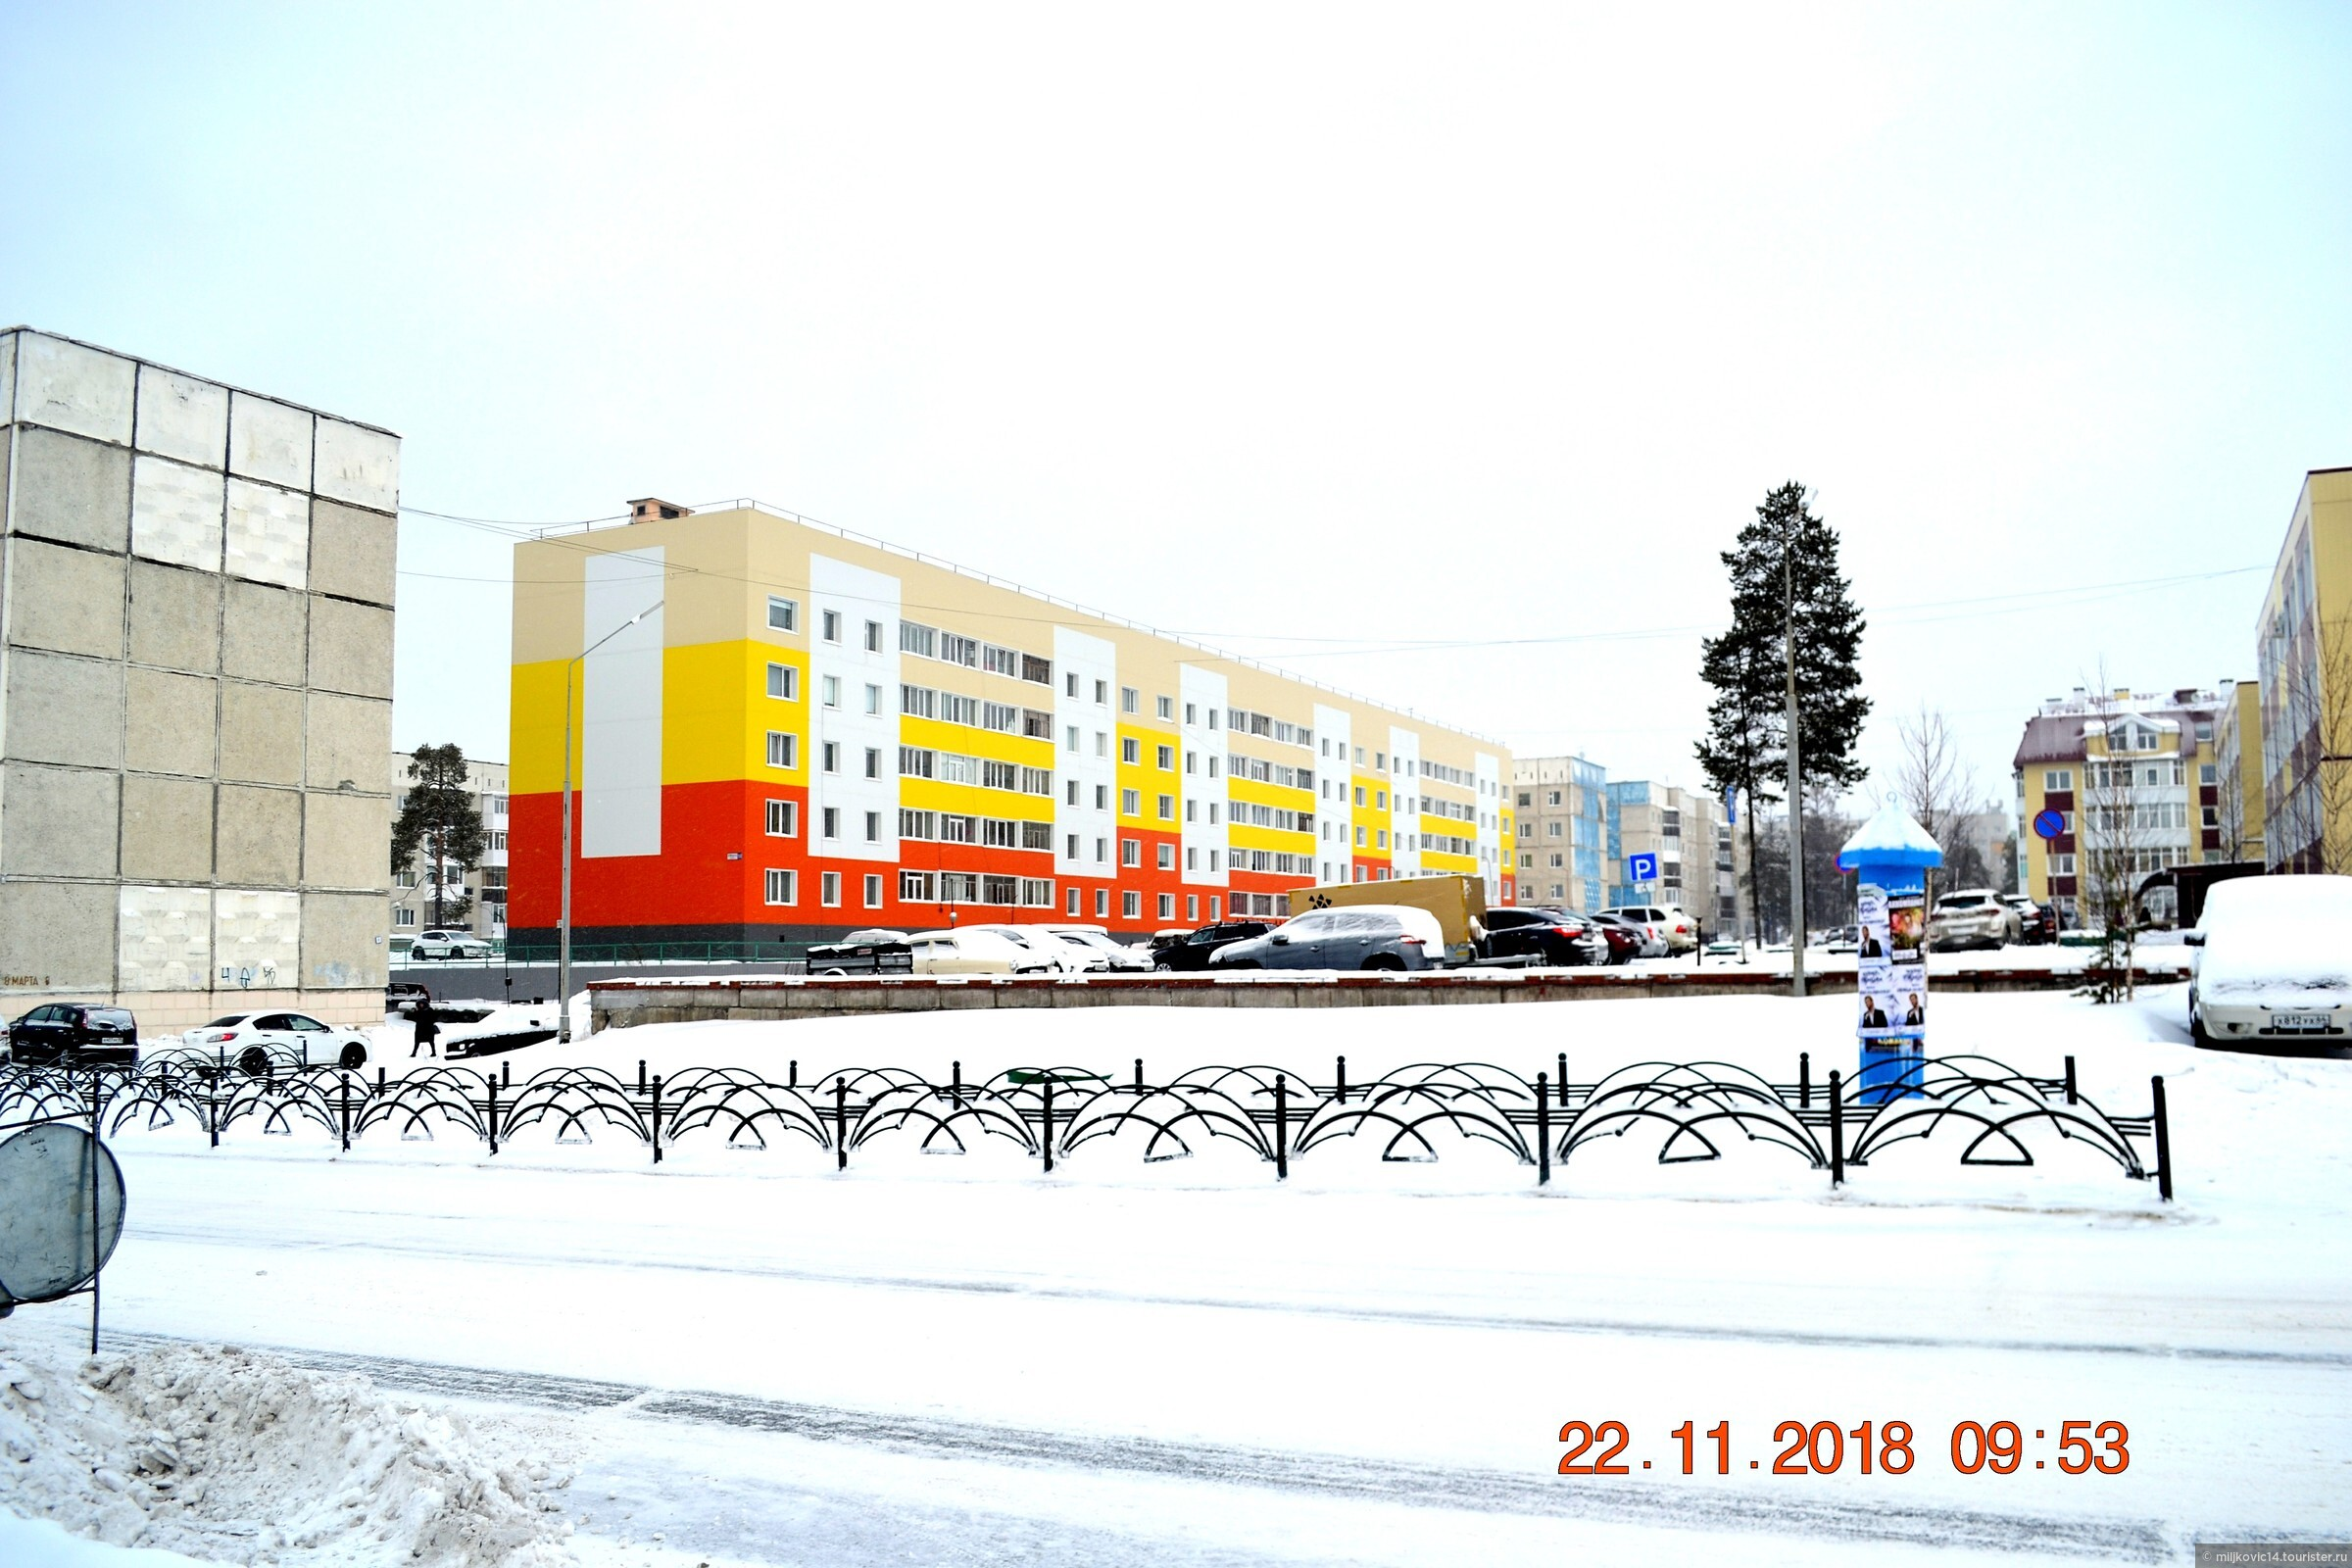 Ноябрьск — город разноцветных домов!